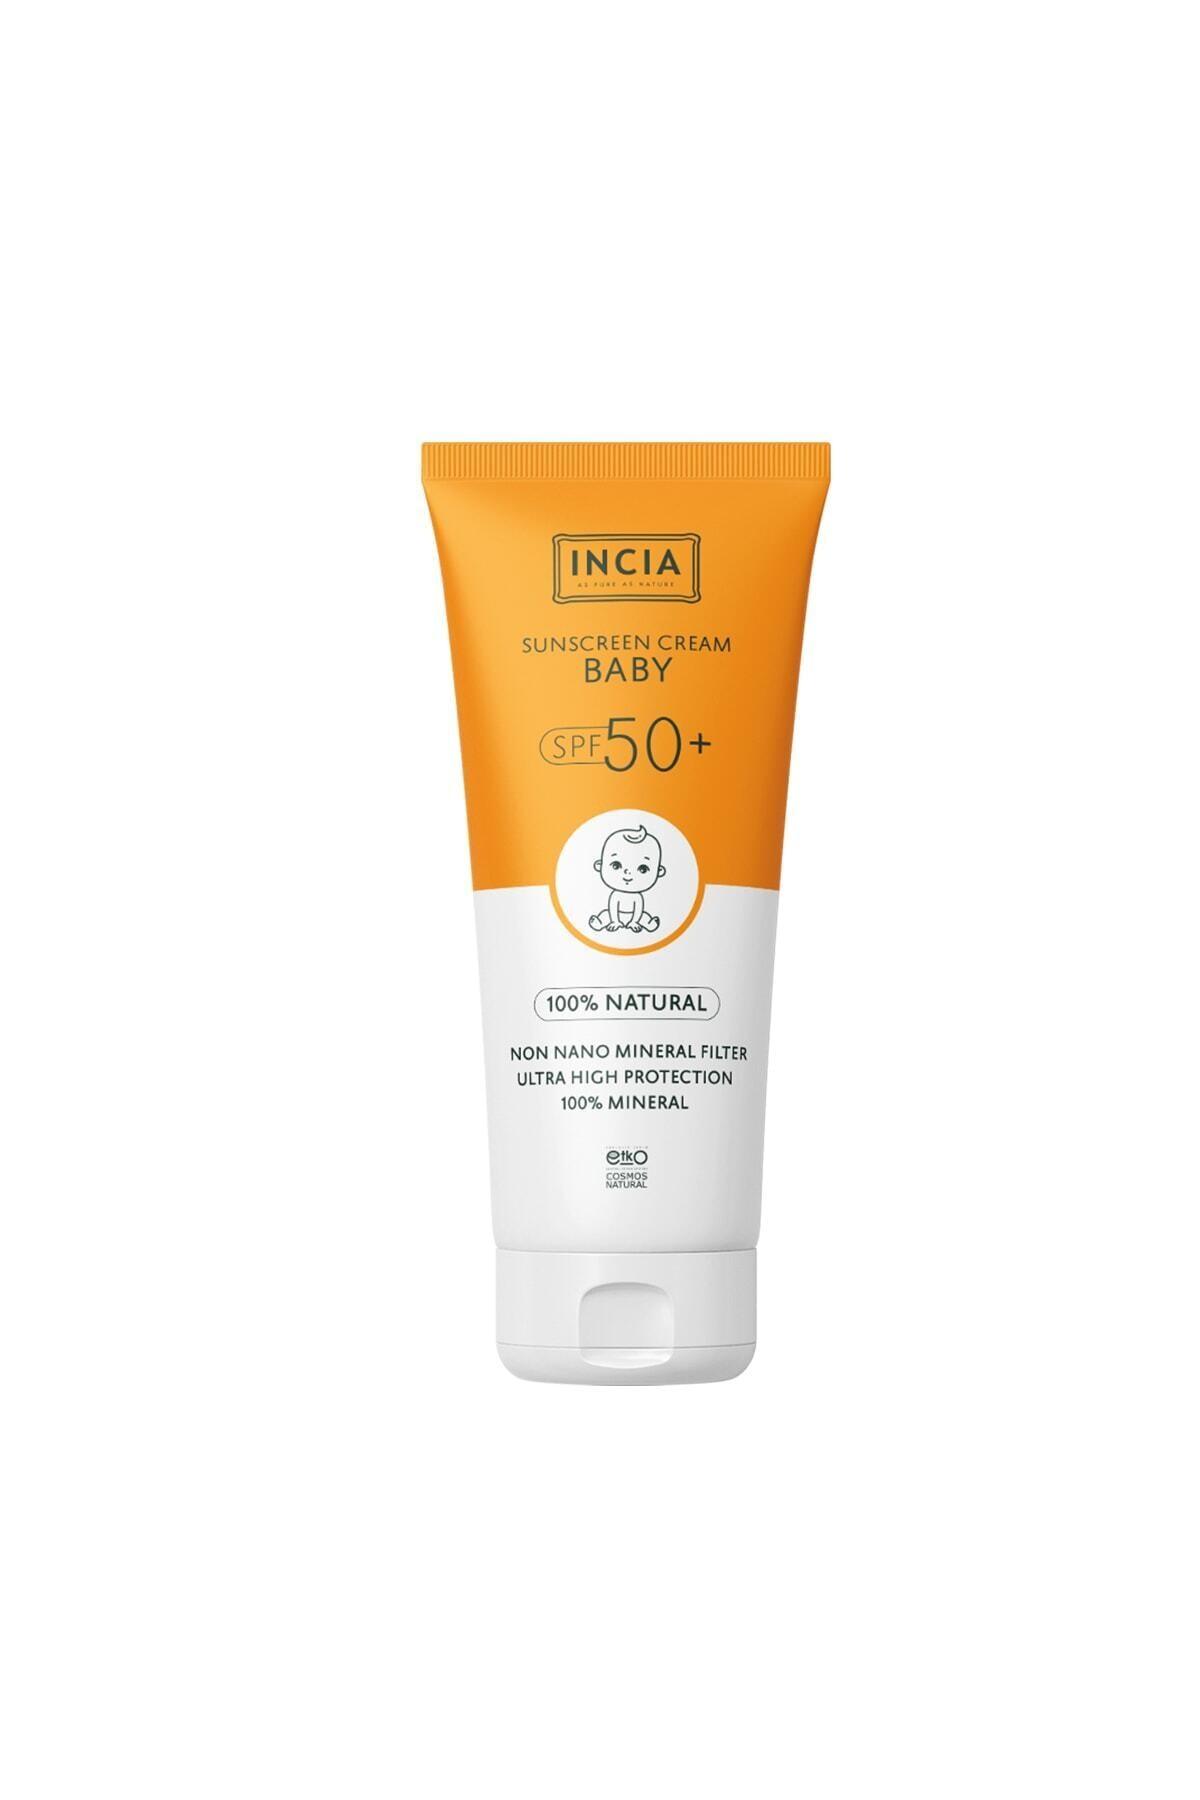 Incia Sunscreen Face And Body Cream Spf50+ Baby 100 Ml 8681511090784 1